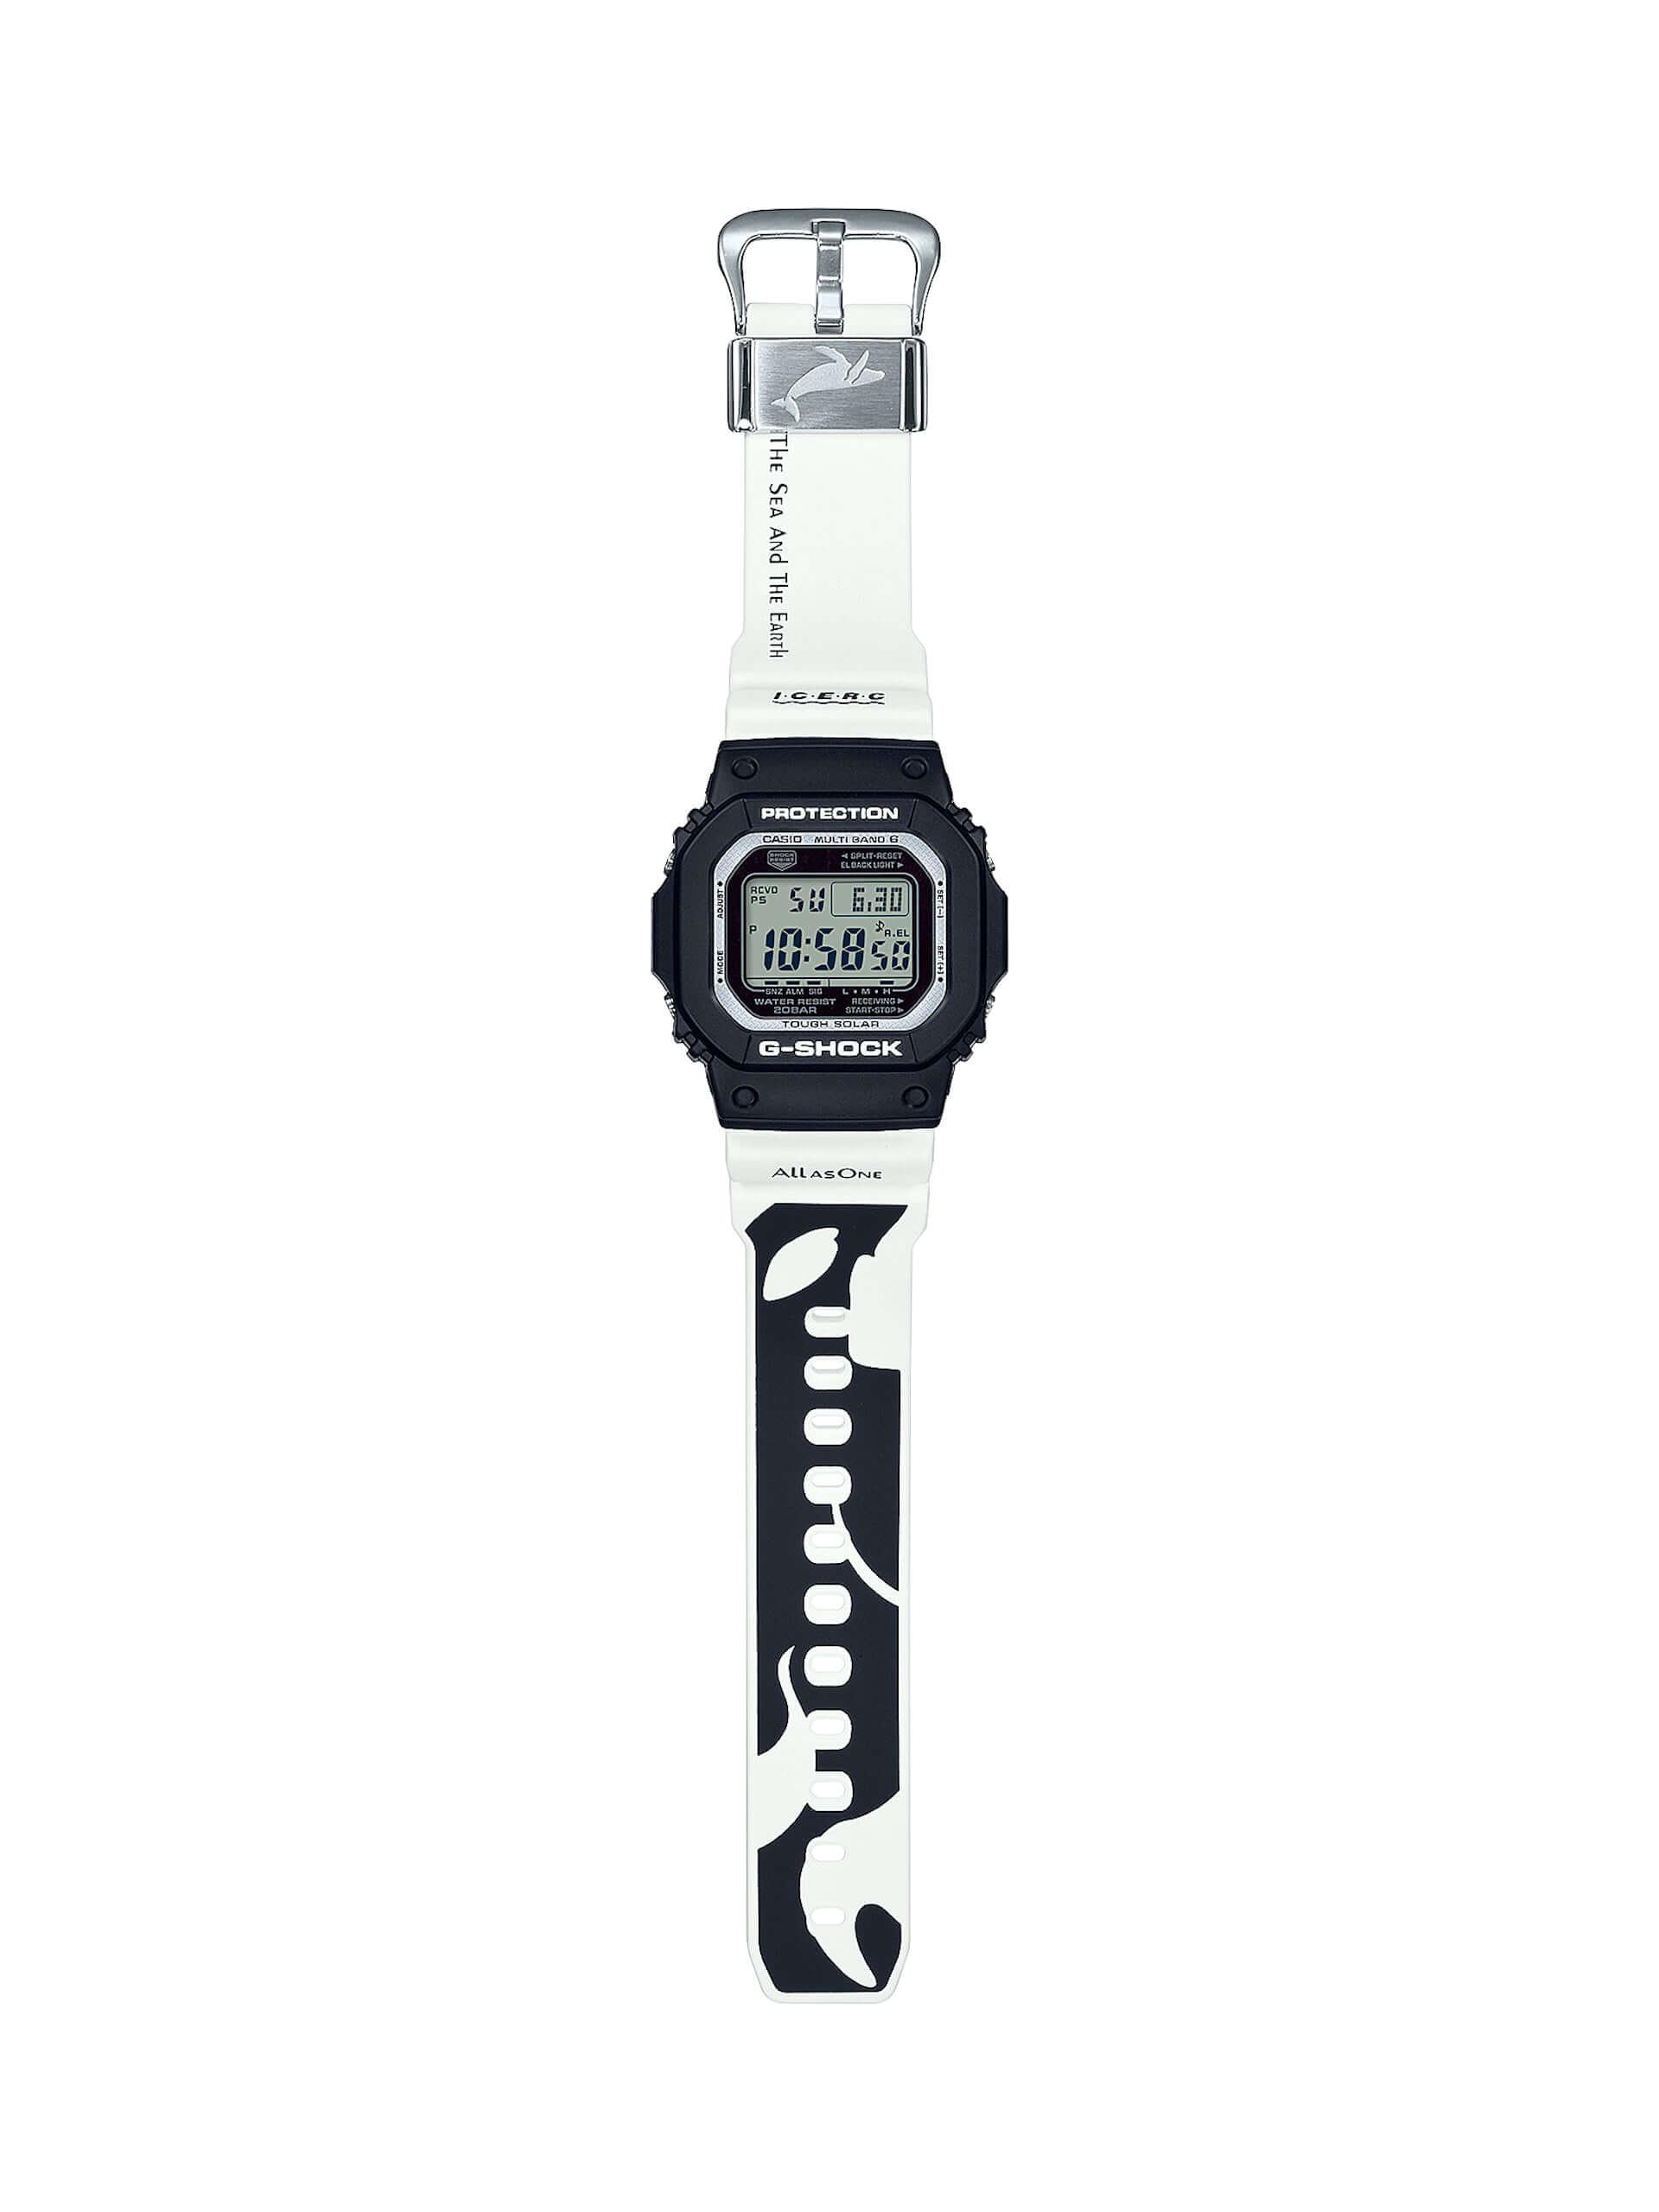 """CASIO「G-SHOCK」「BABY-G」に""""シャチ""""をモチーフにしたニューデザインが登場!アイサーチ・ジャパンとのコラボモデル新作が発売決定 tech200511_casio_watch_8-1920x2560"""